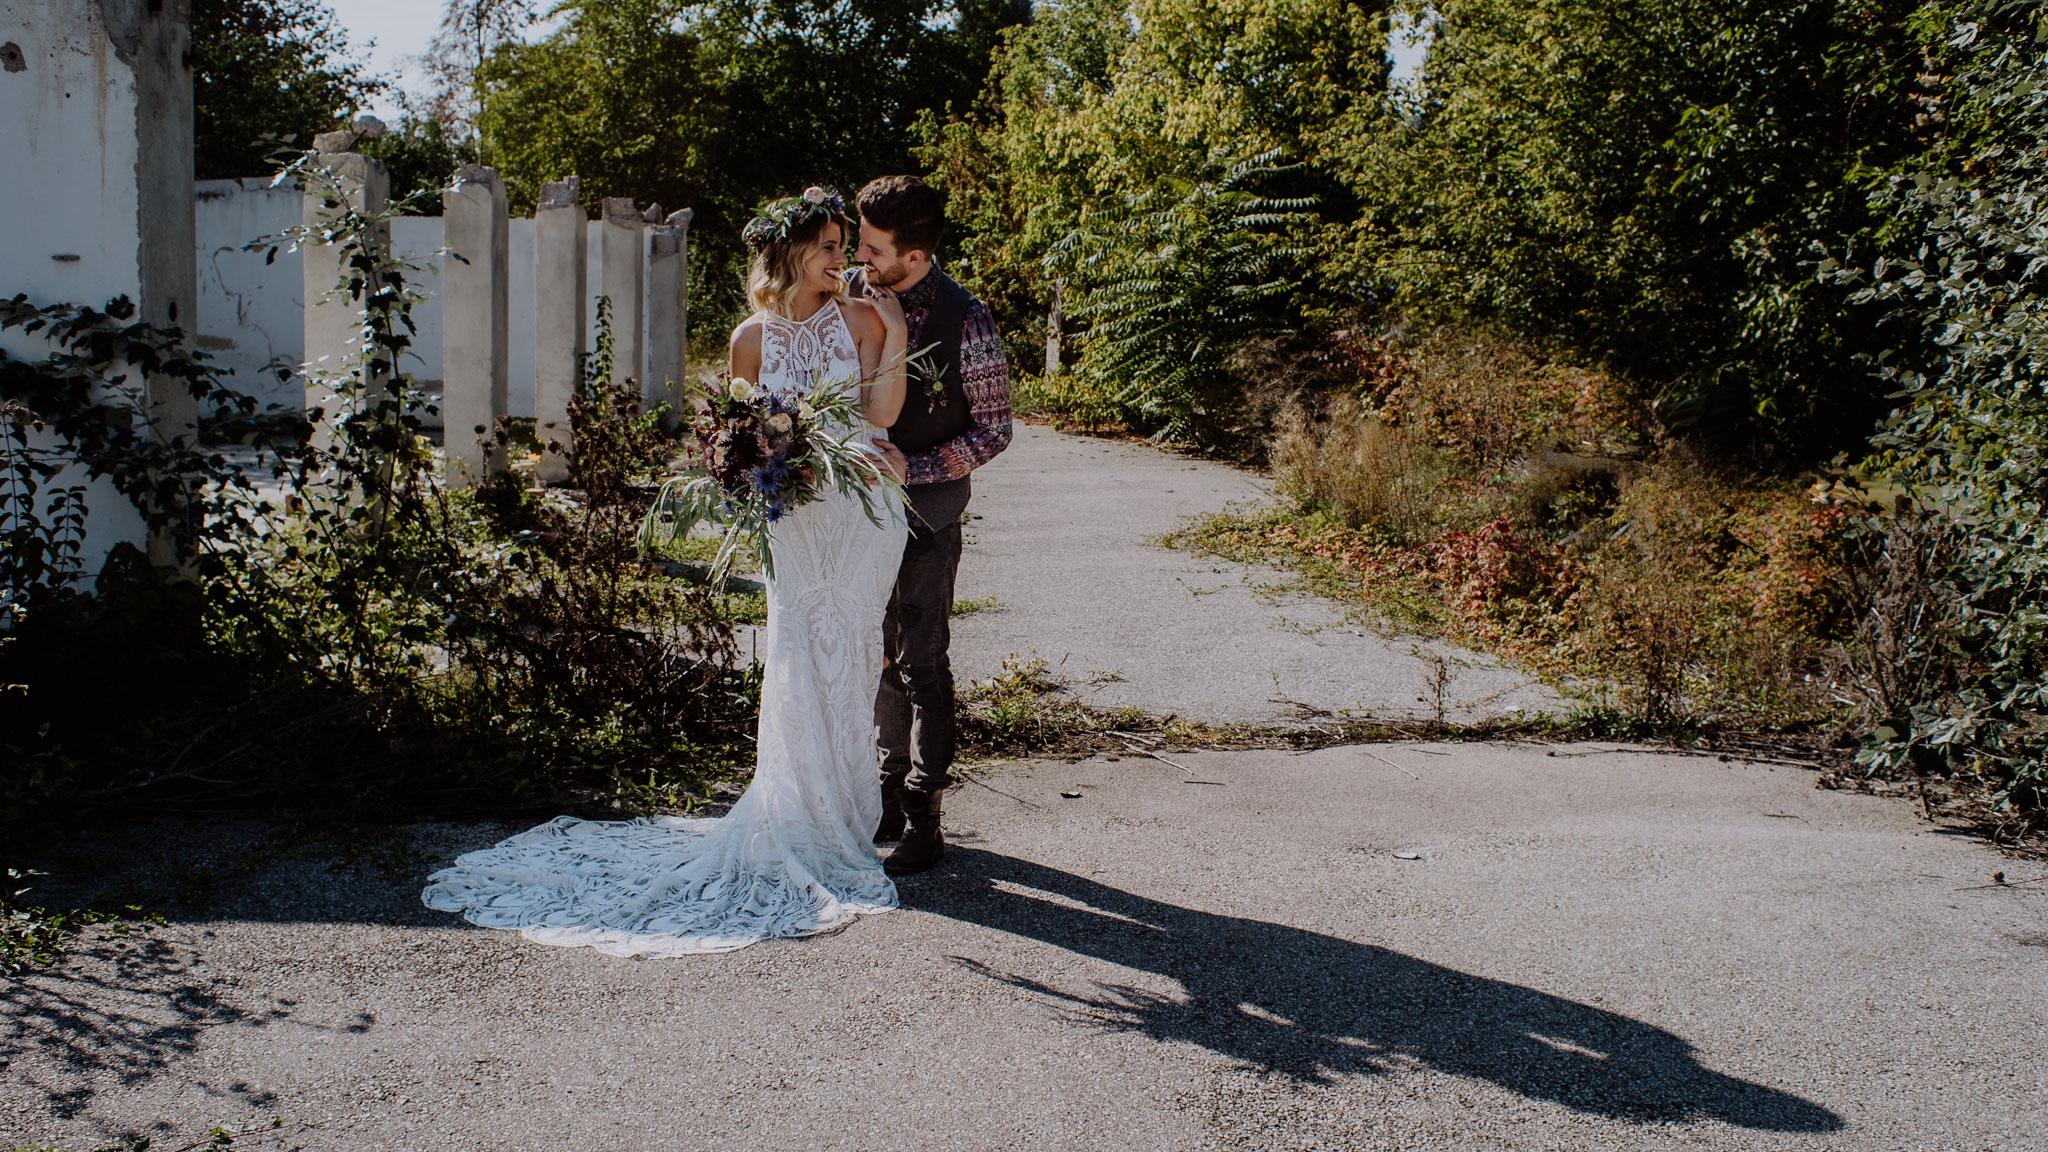 Braut im Rue de Seine Kleid küsst Bräutigam in einem alten Industrieviertel Hochzeit Kamerakinder Weddings